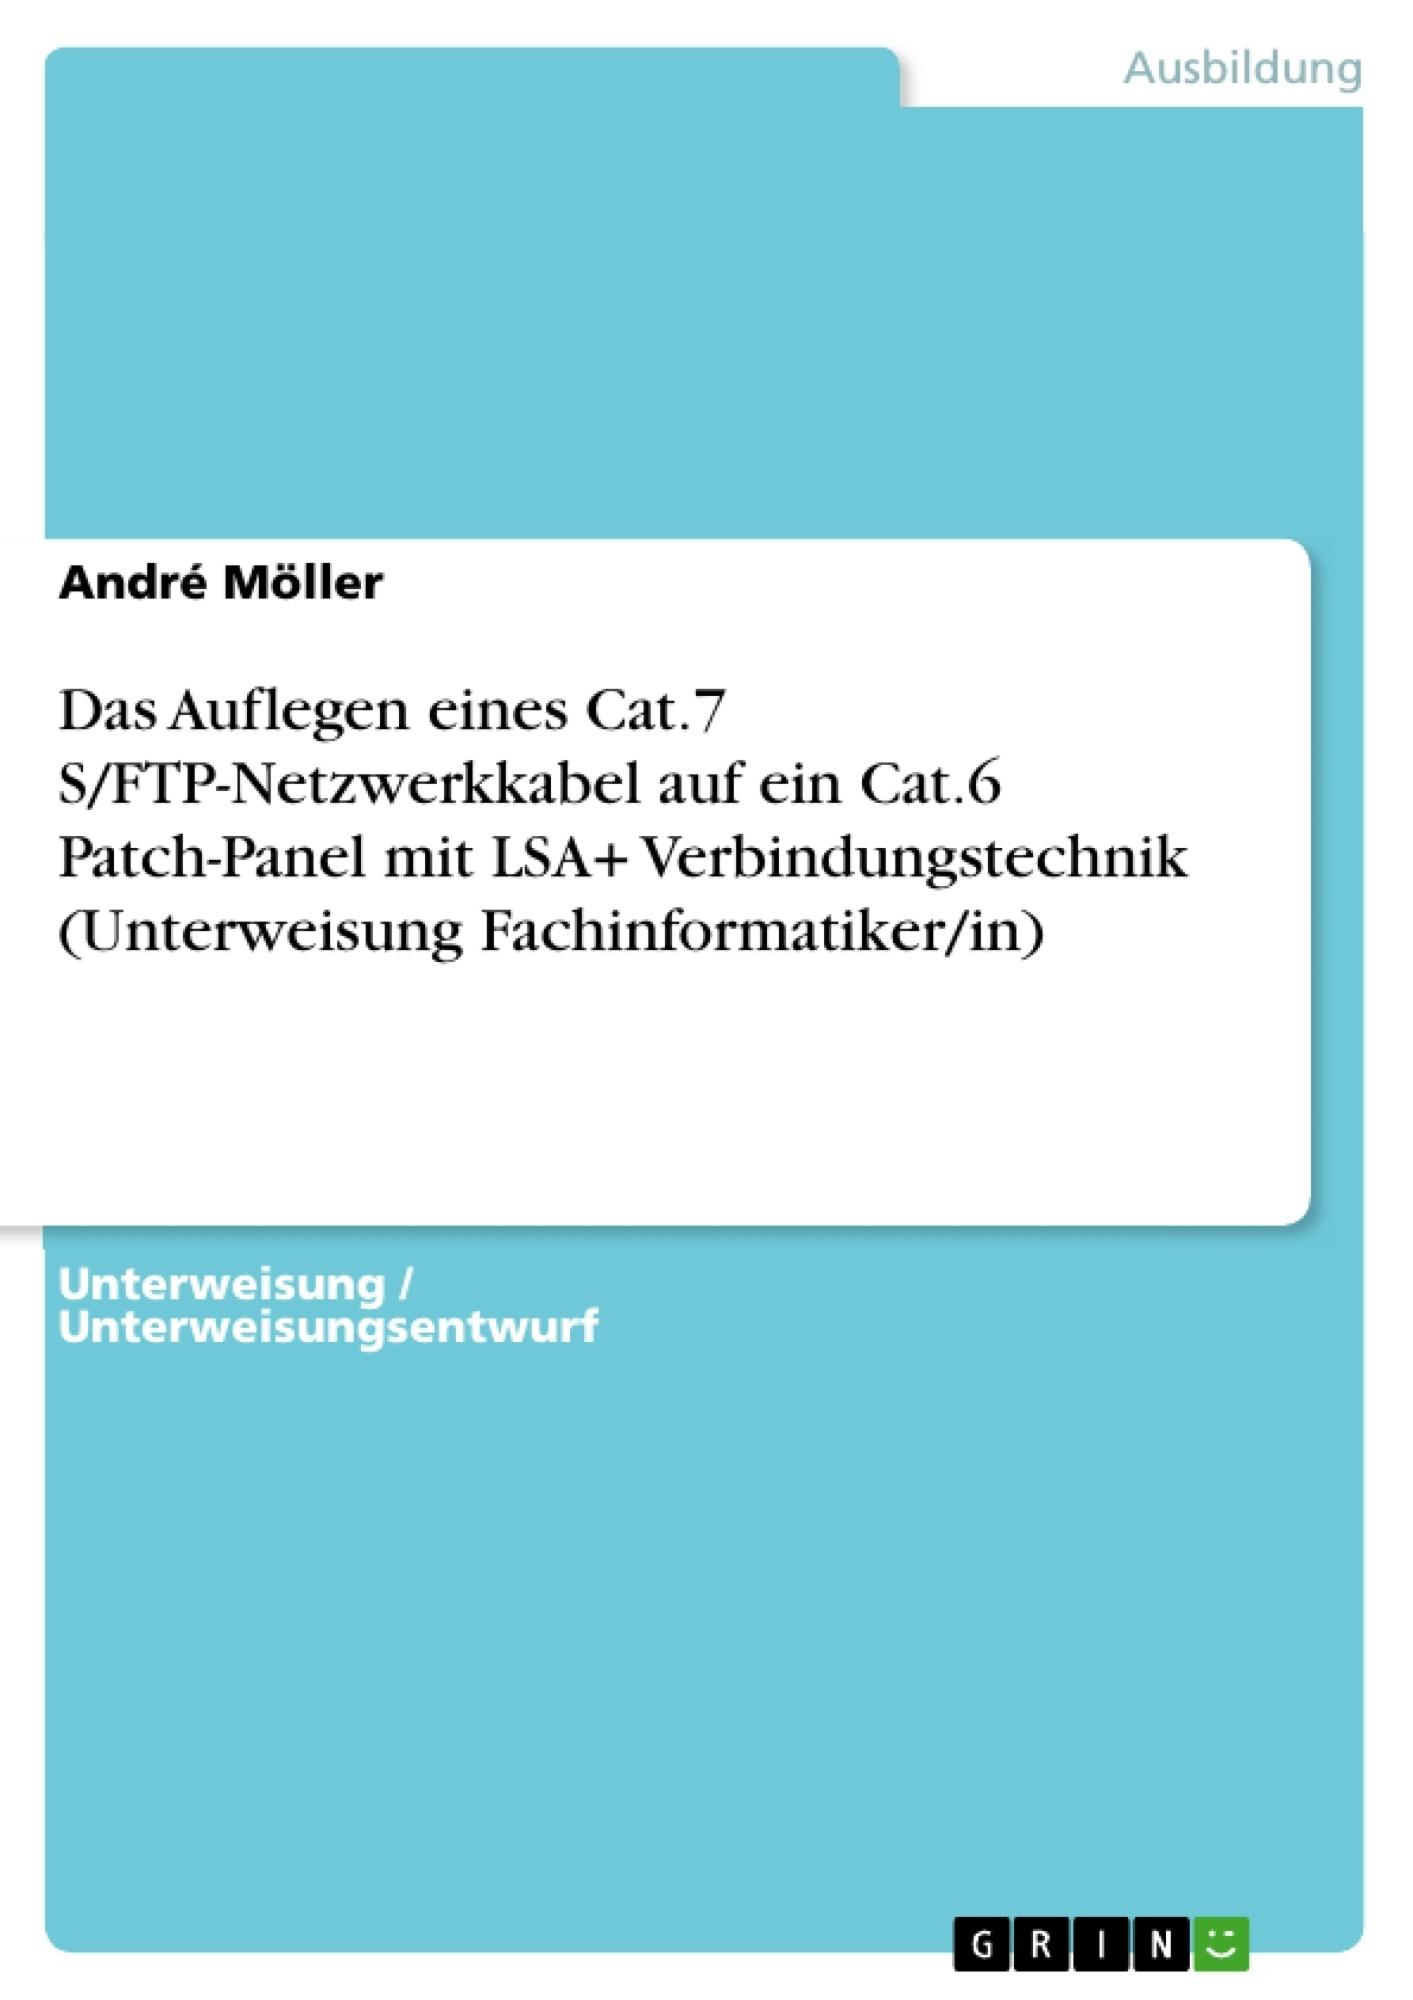 Titel: Das Auflegen eines Cat.7 S/FTP-Netzwerkkabel auf ein  Cat.6 Patch-Panel mit LSA+ Verbindungstechnik (Unterweisung Fachinformatiker/in)